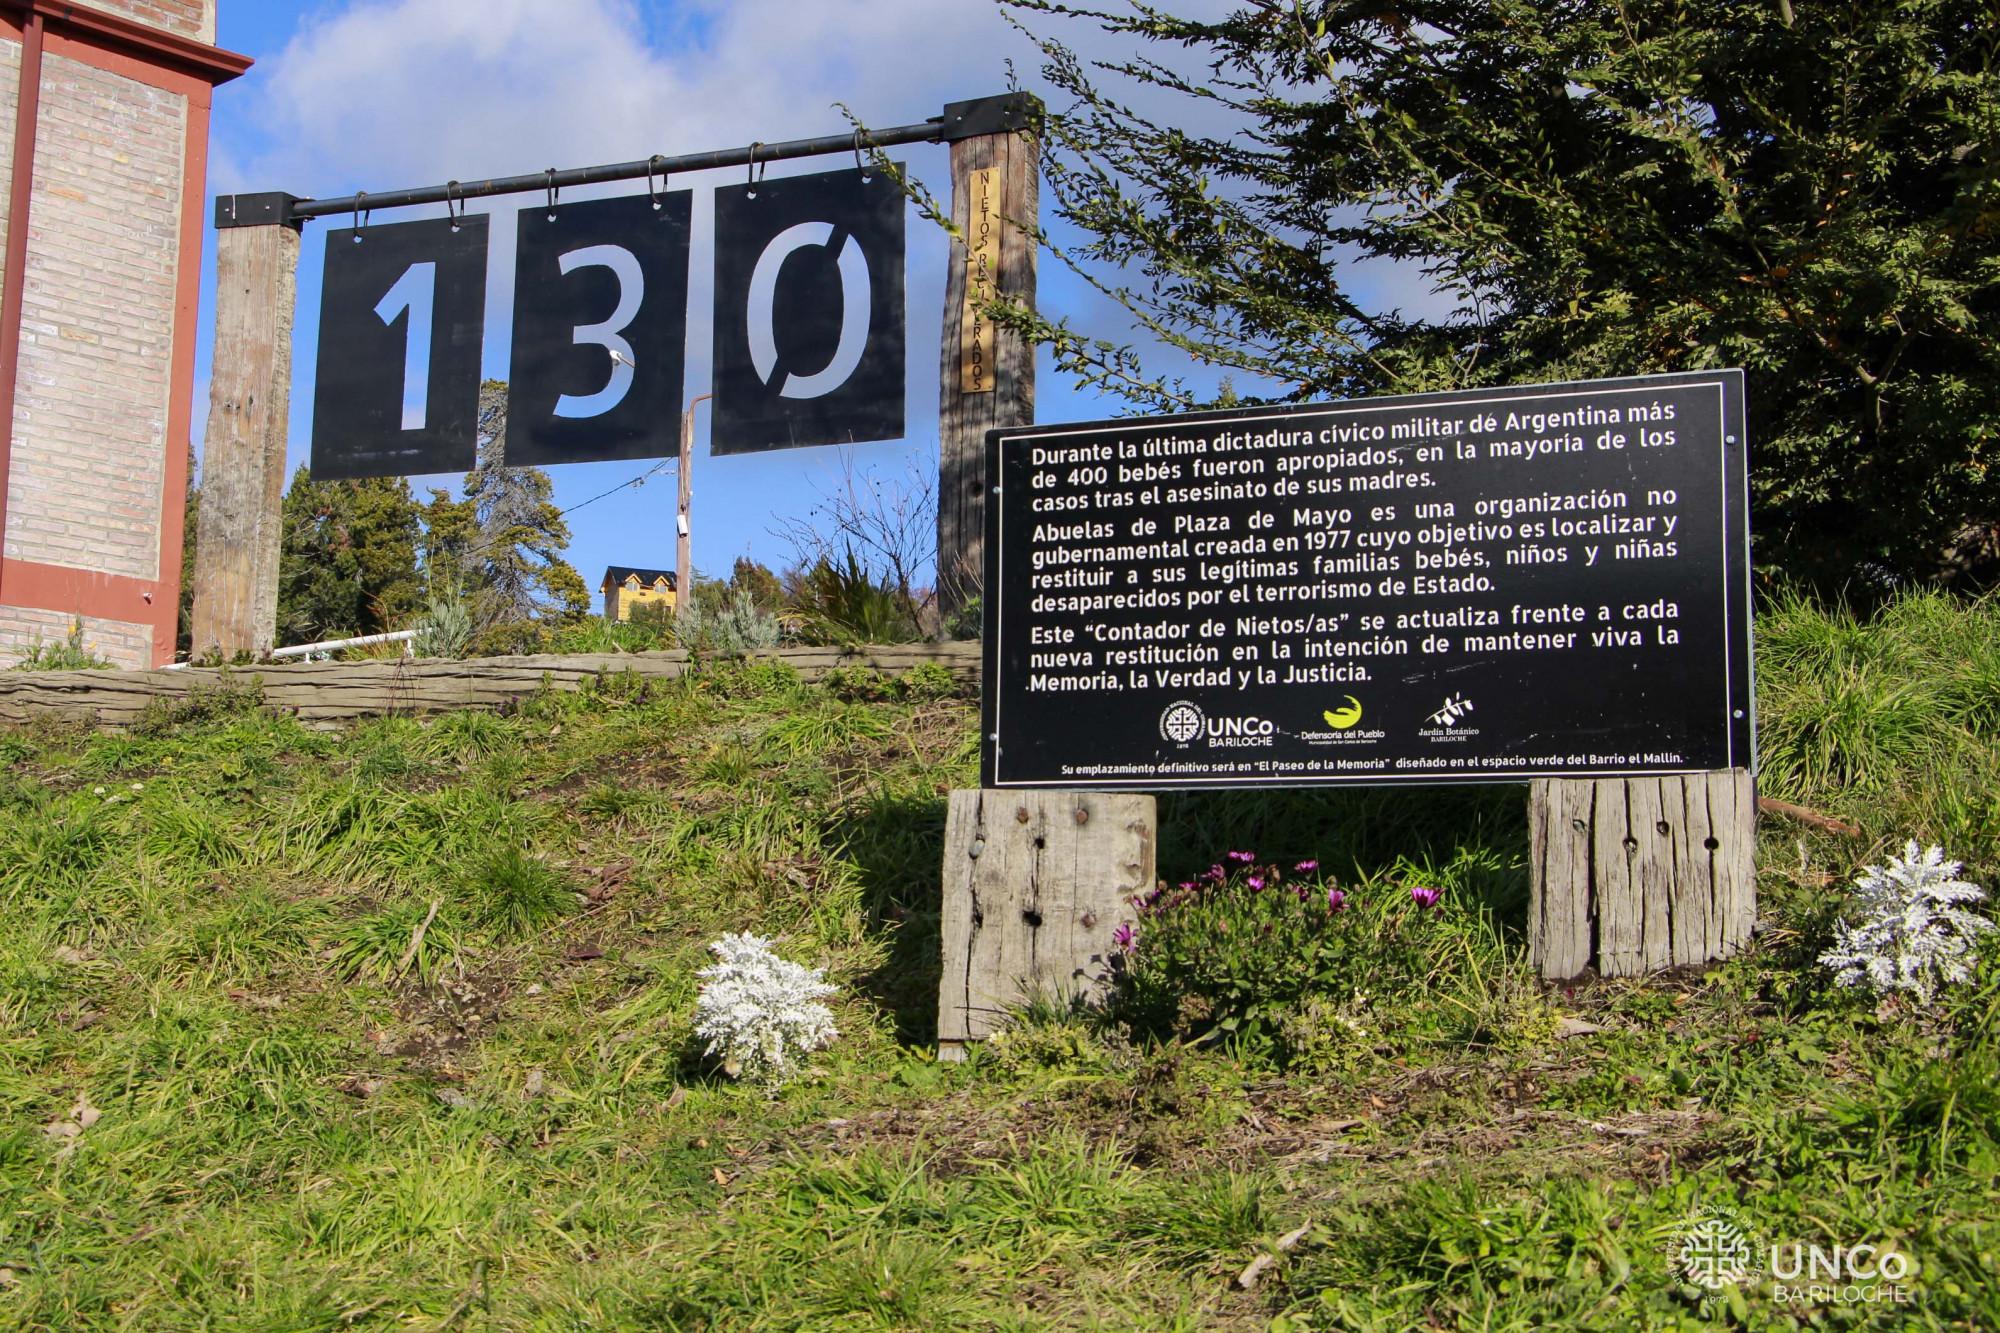 Contador nieto 130-16